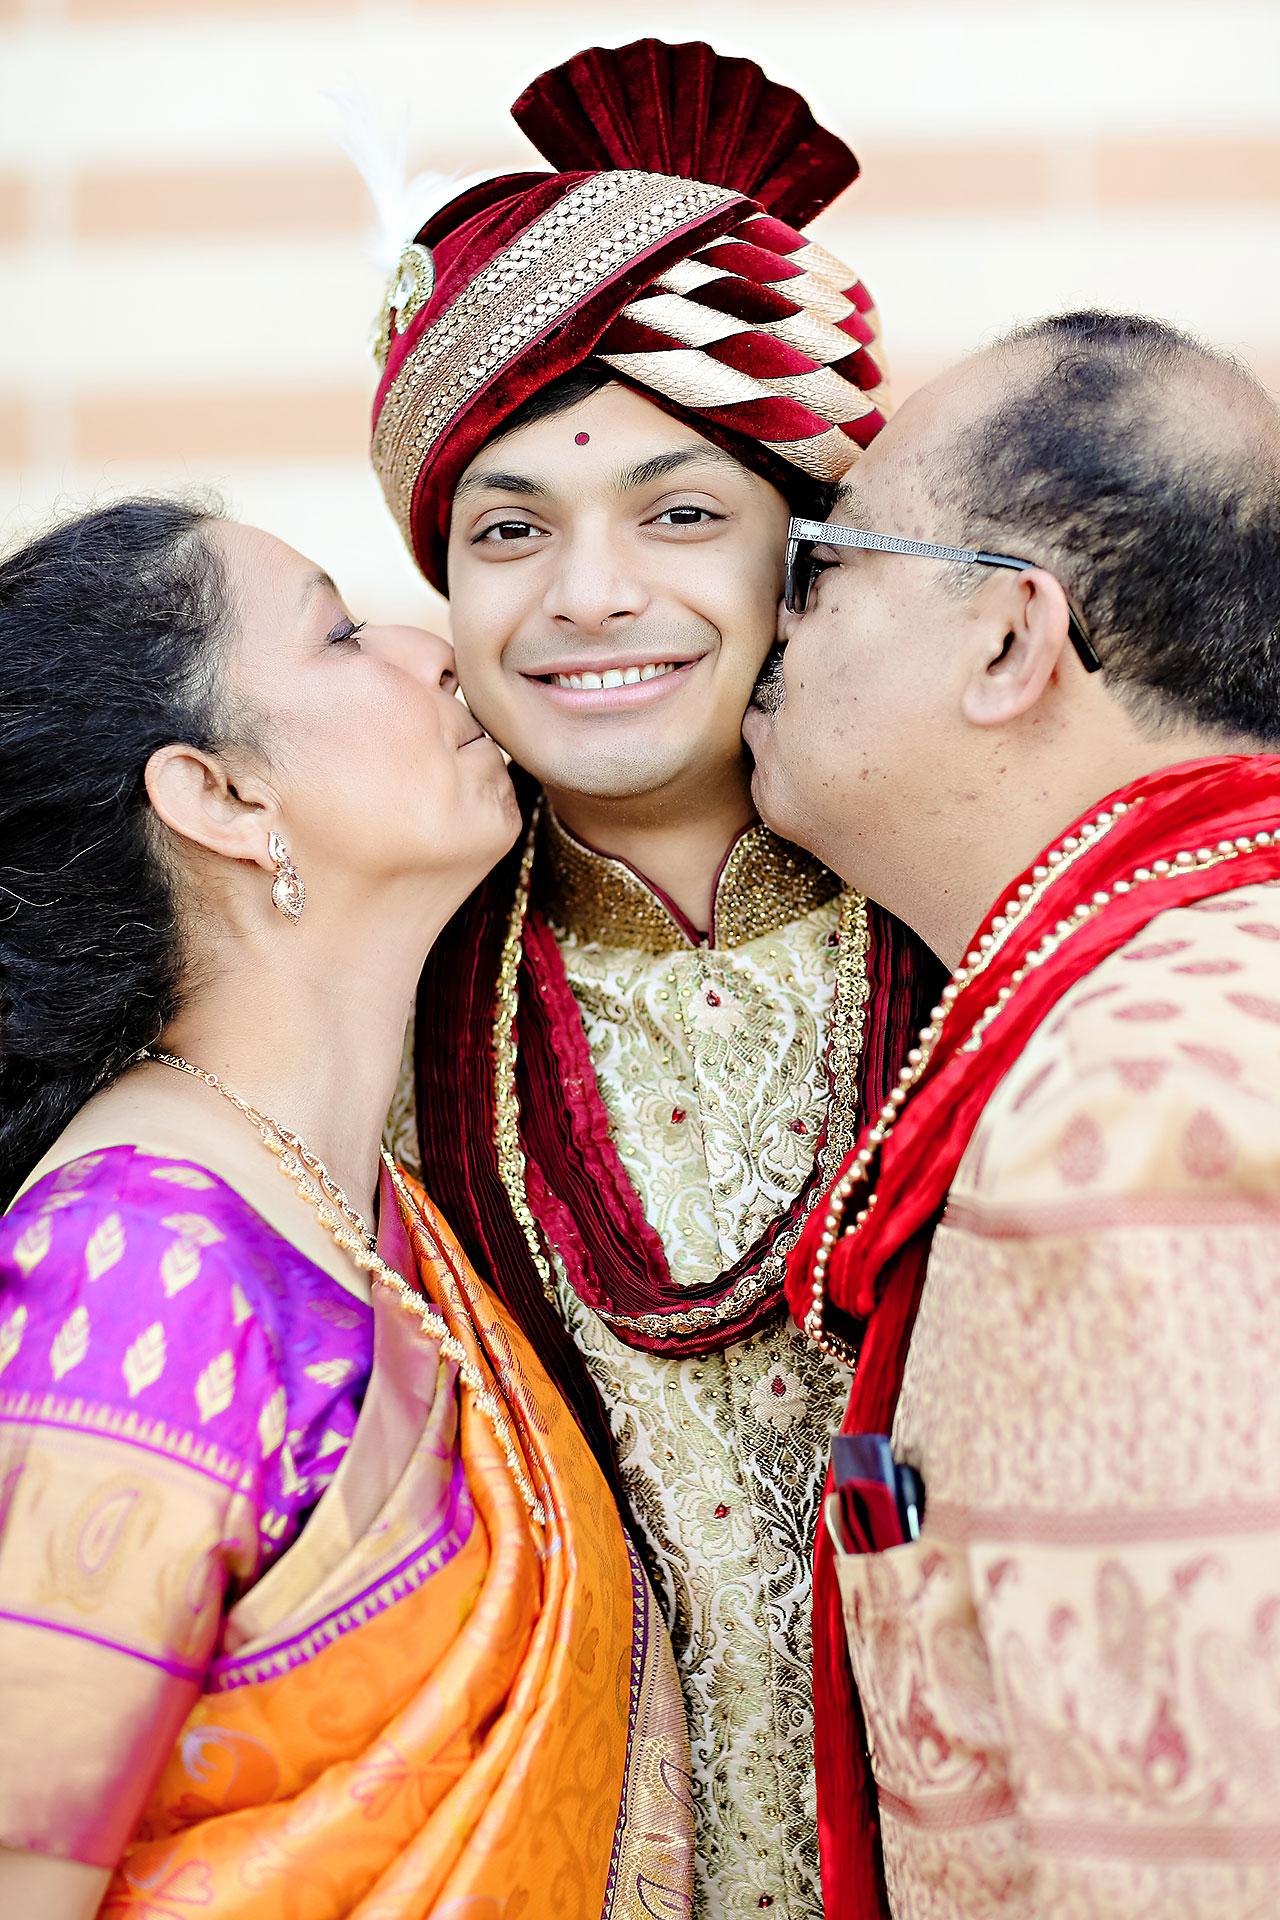 Joie Nikhil JW Marriott Indian Wedding 075